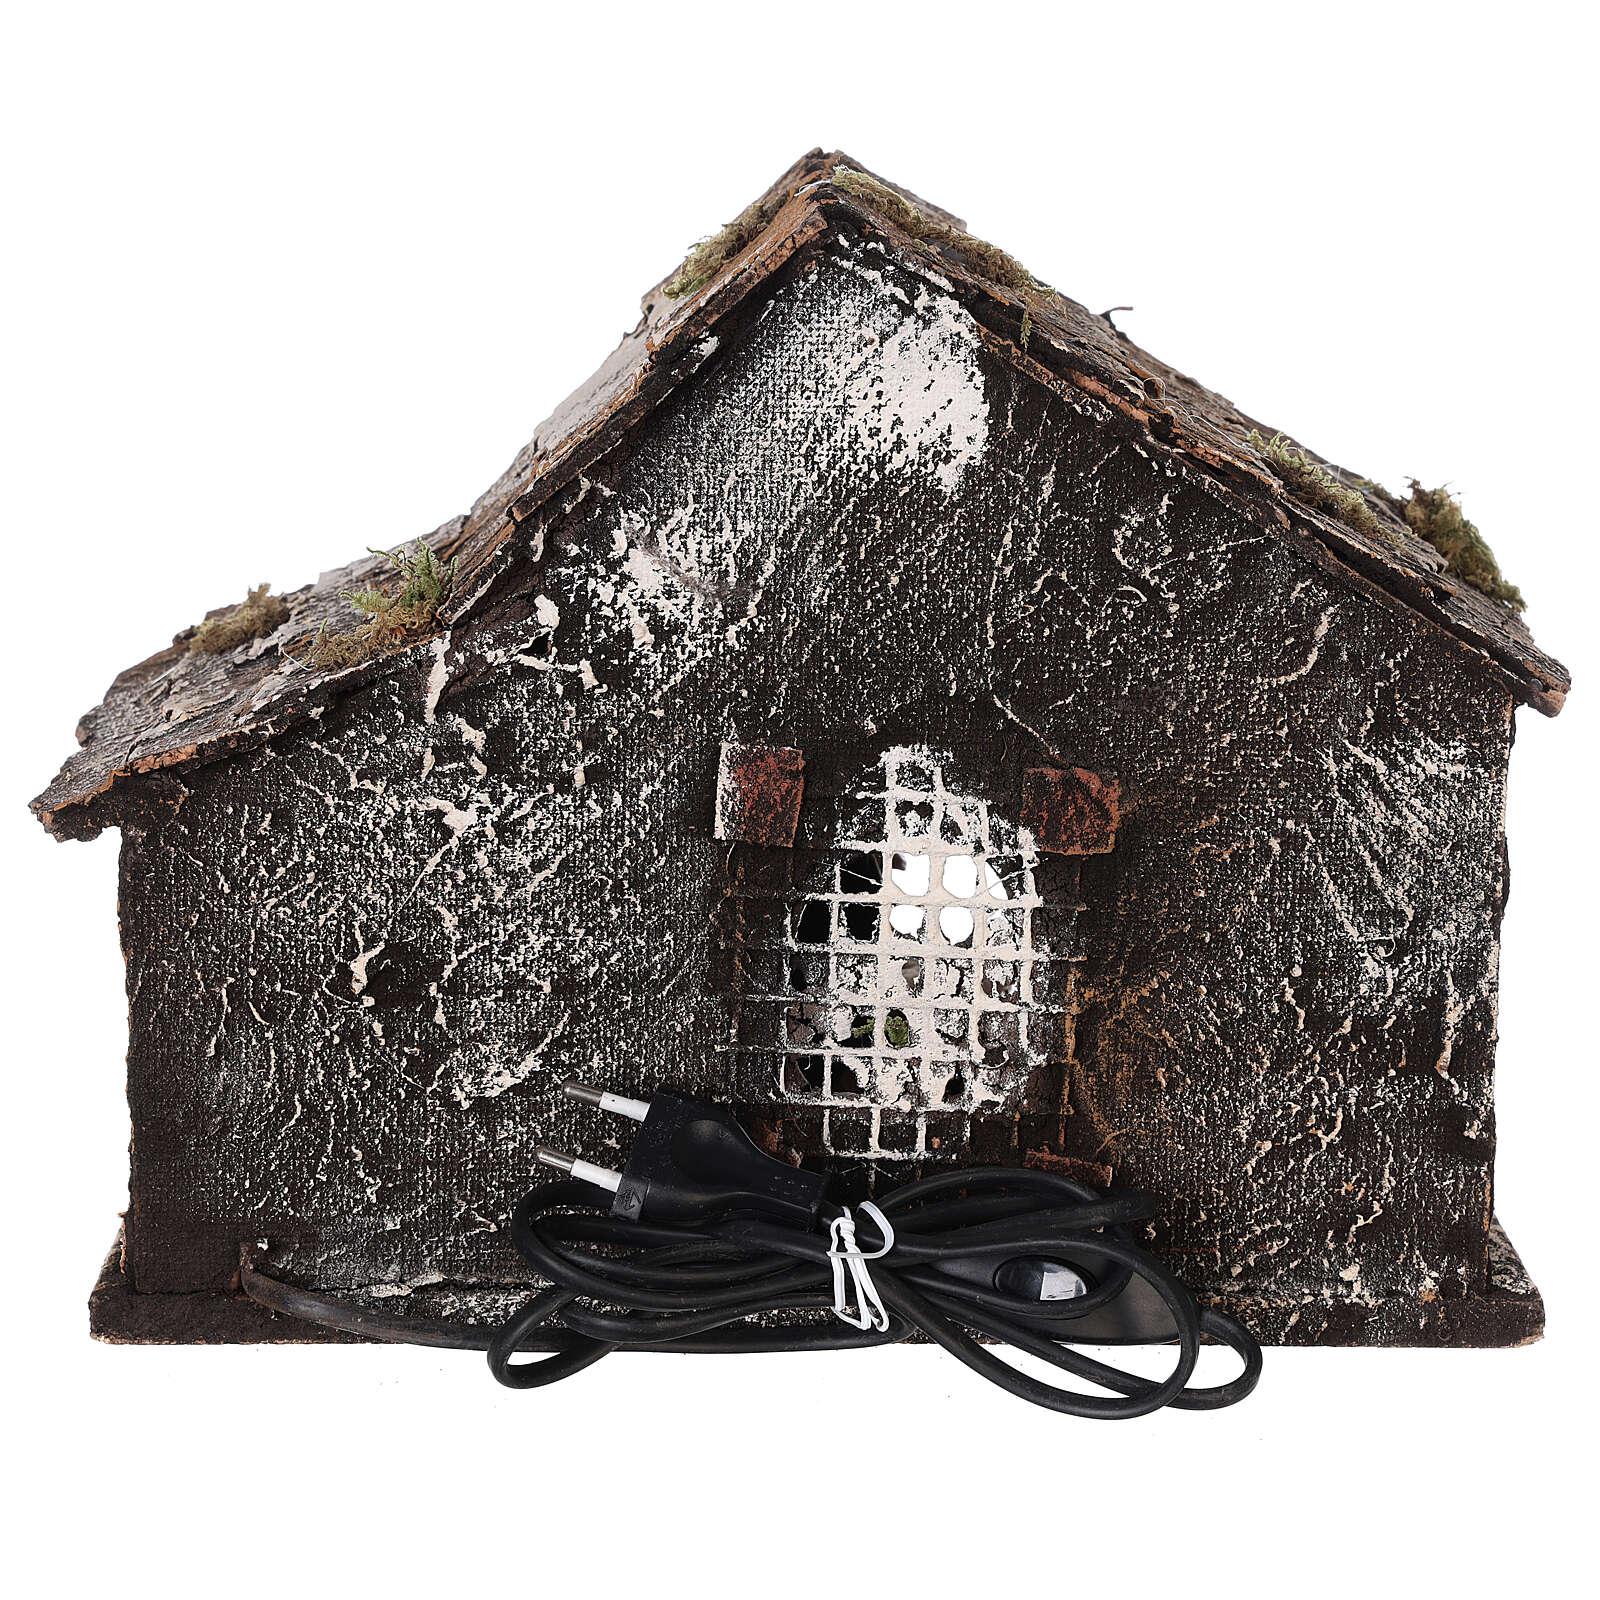 Cabane crèche napolitaine santons terre cuite 12 cm 25x30x20 cm 4